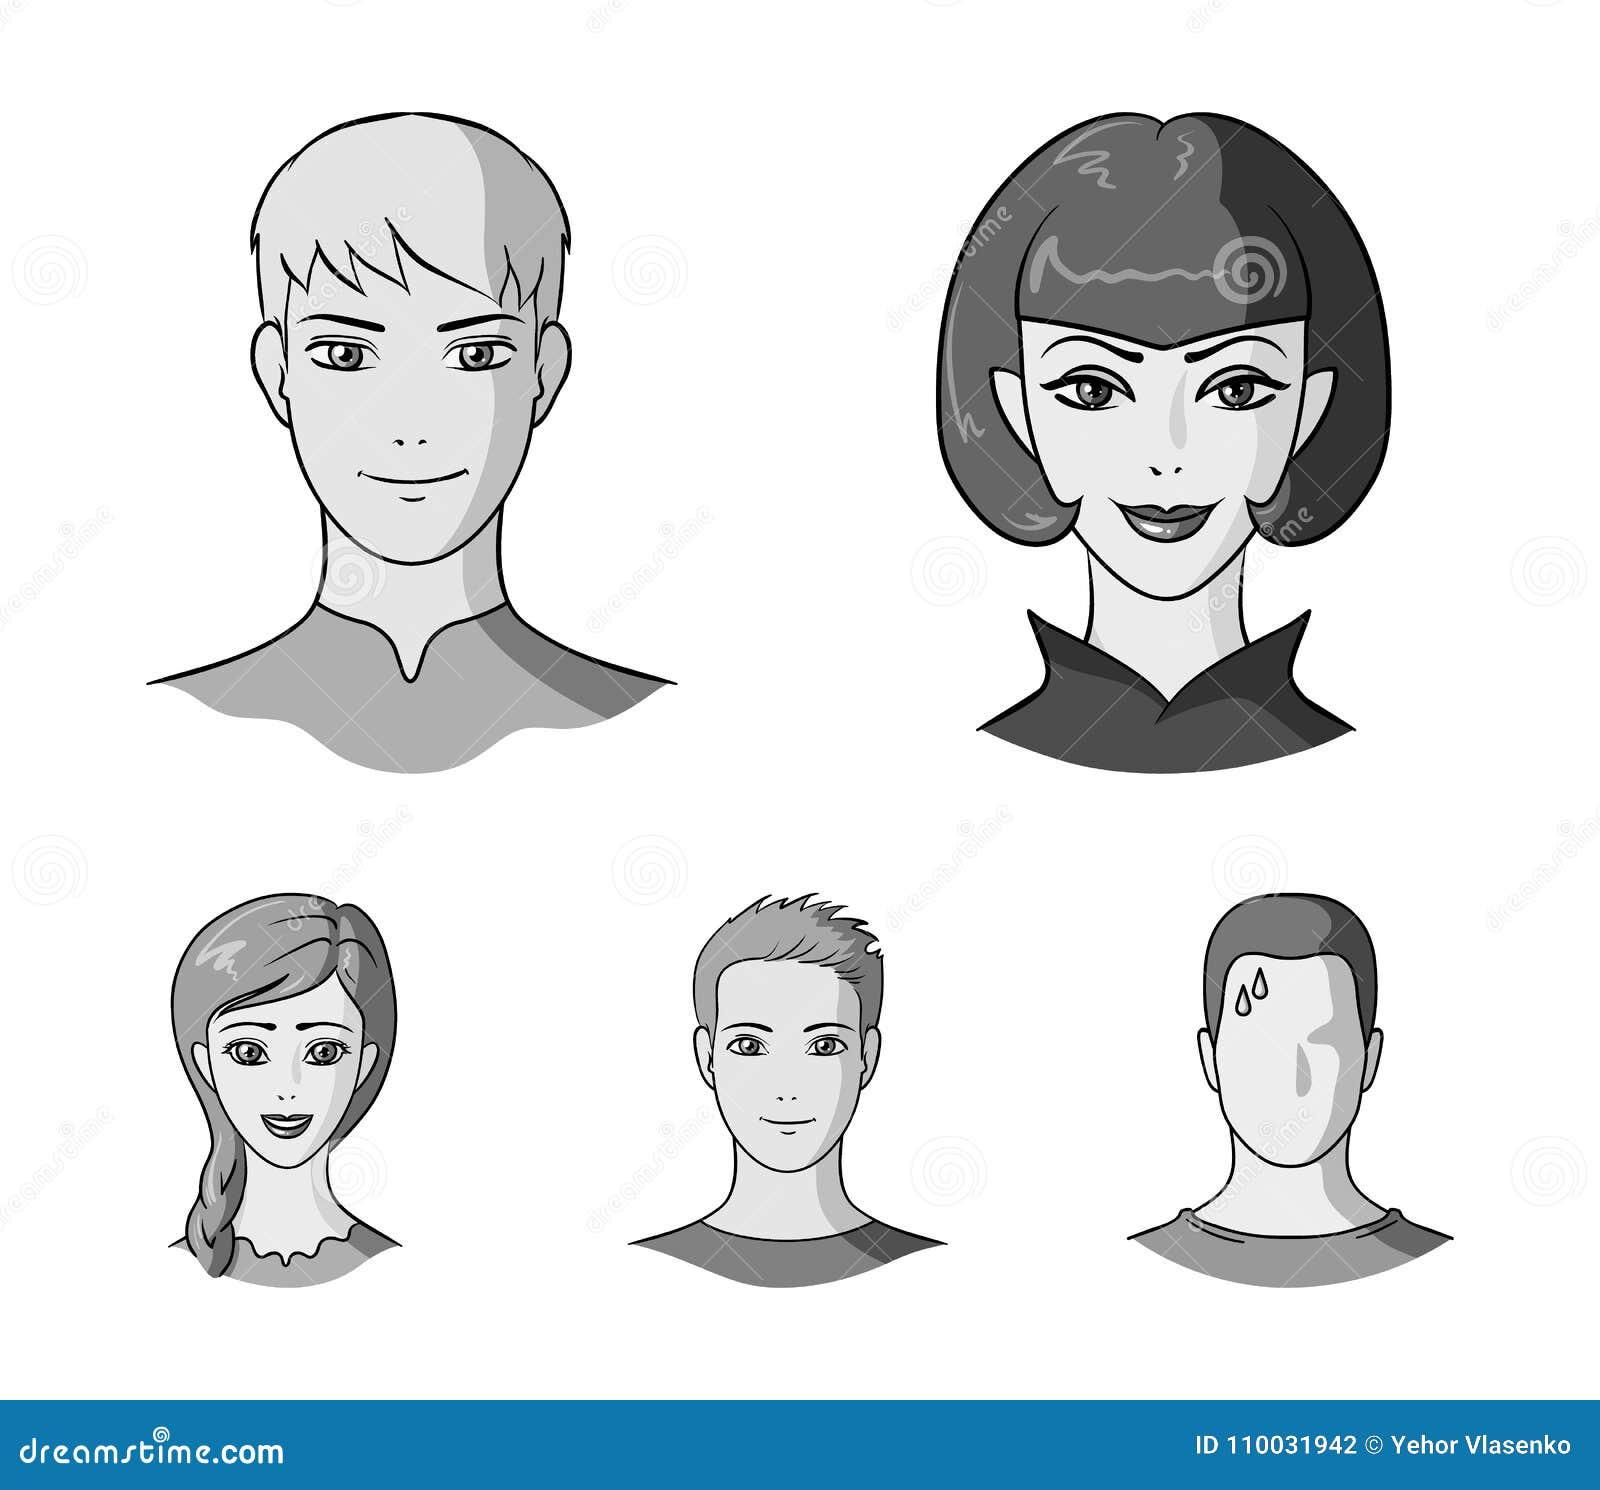 Verschillend kijkt van jongeren Avatar en gezichts vastgestelde inzamelingspictogrammen in de zwart-wit voorraad van het stijl ve